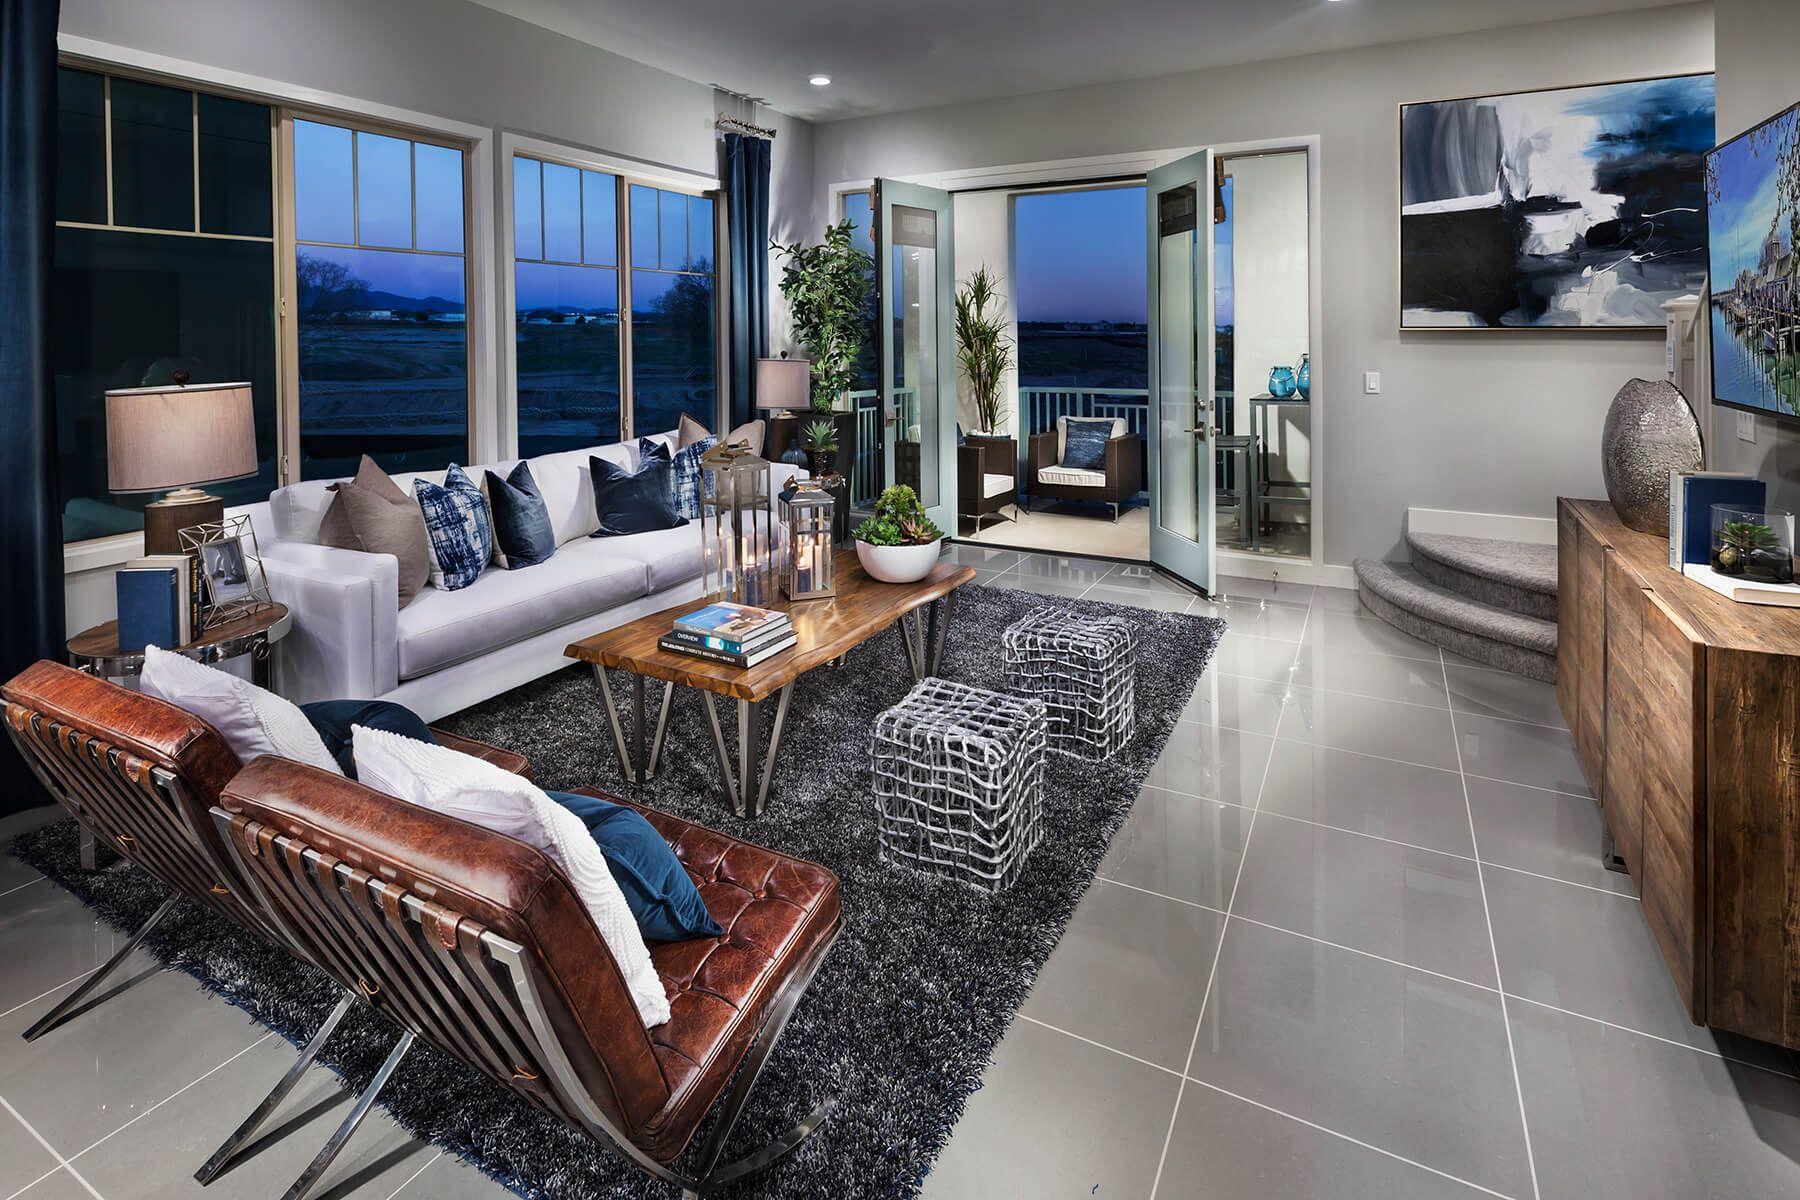 Ambrosia Interior Design New Homes For Sale Interior Design Consultation Interior Design